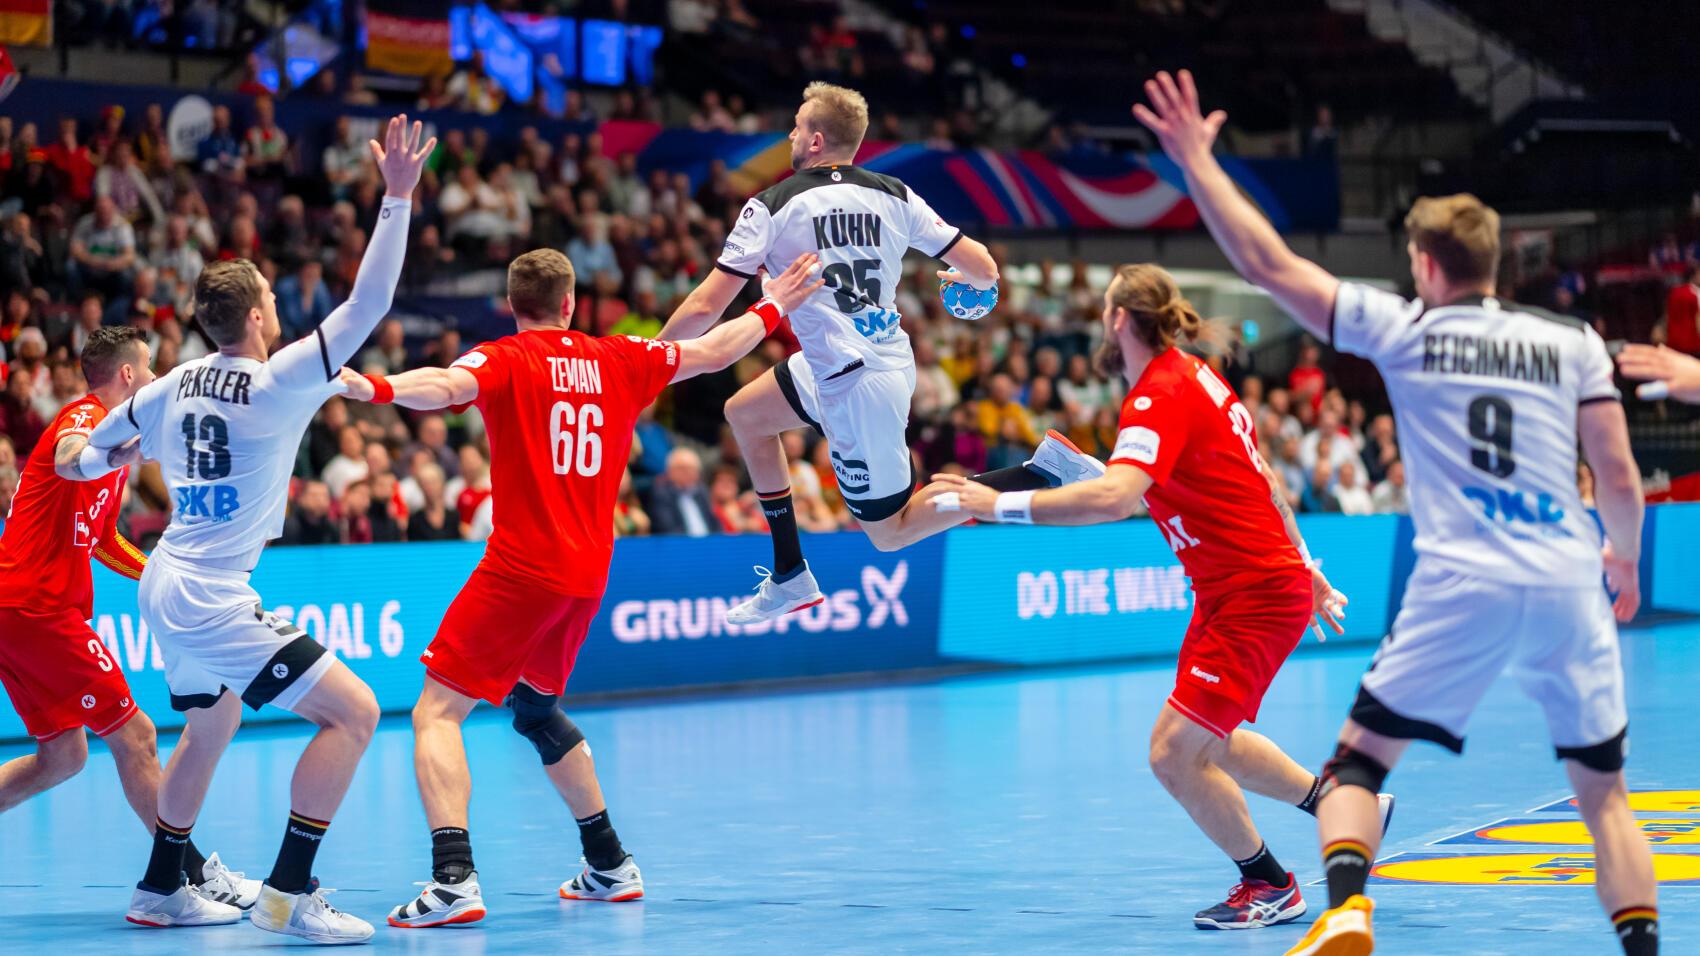 Handball Nationalmannschaft Spiele